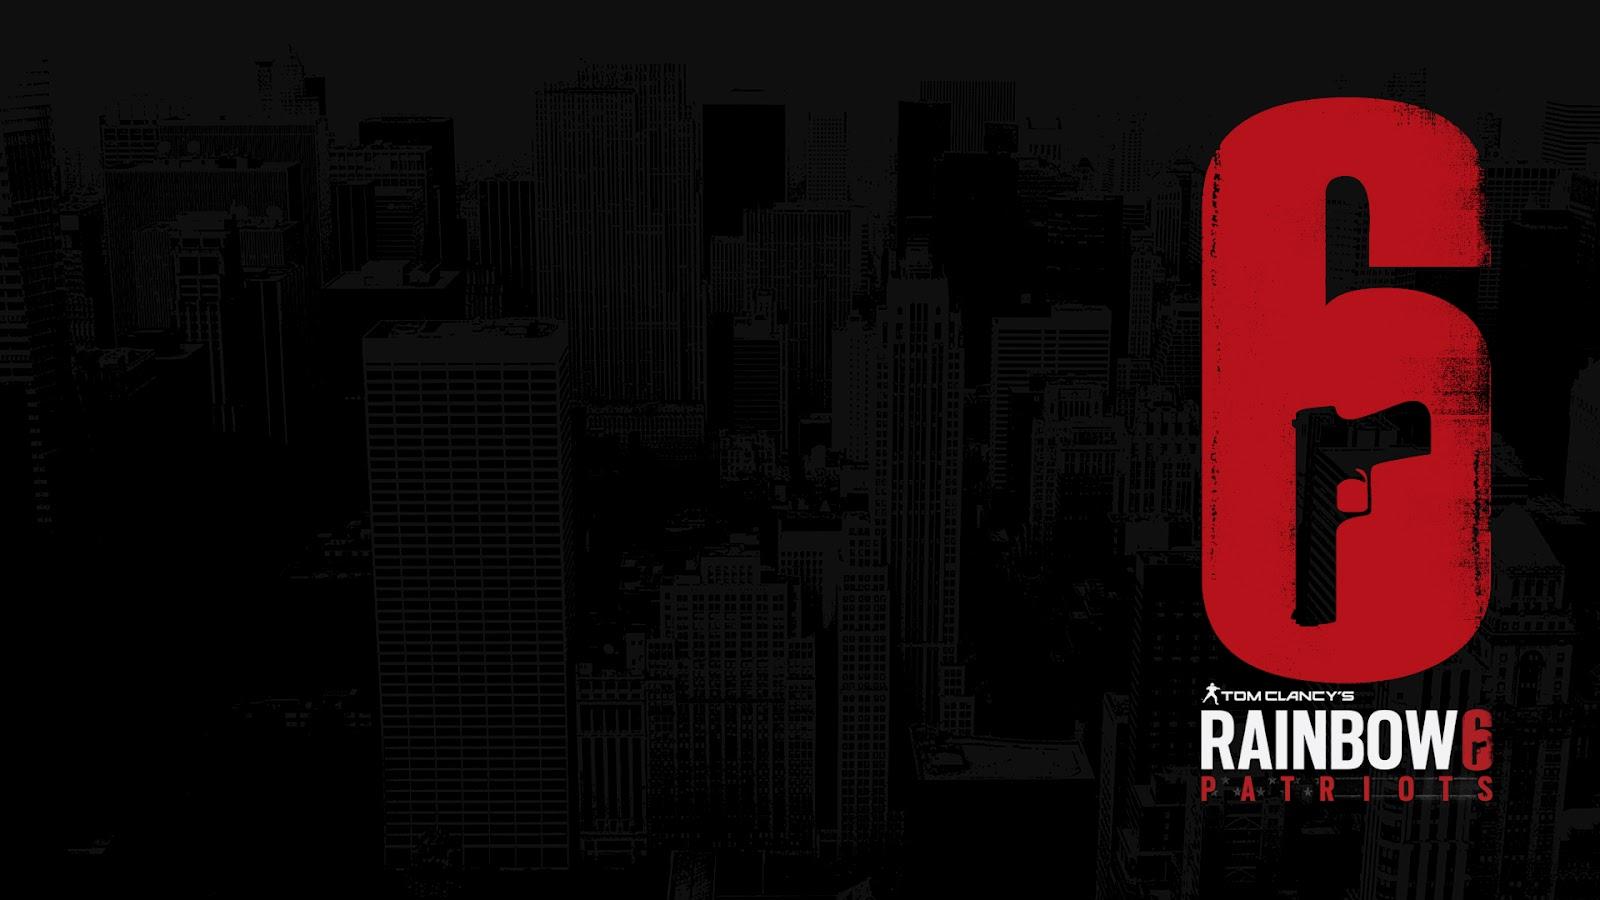 http://1.bp.blogspot.com/-_FsA5RDmez8/T-hEZsBcS7I/AAAAAAAACPU/PrnjdyRlgBE/s1600/Tom_Clancys_Rainbow_6_Patriots_Logo_HD_Wallpaper-gWb.jpg